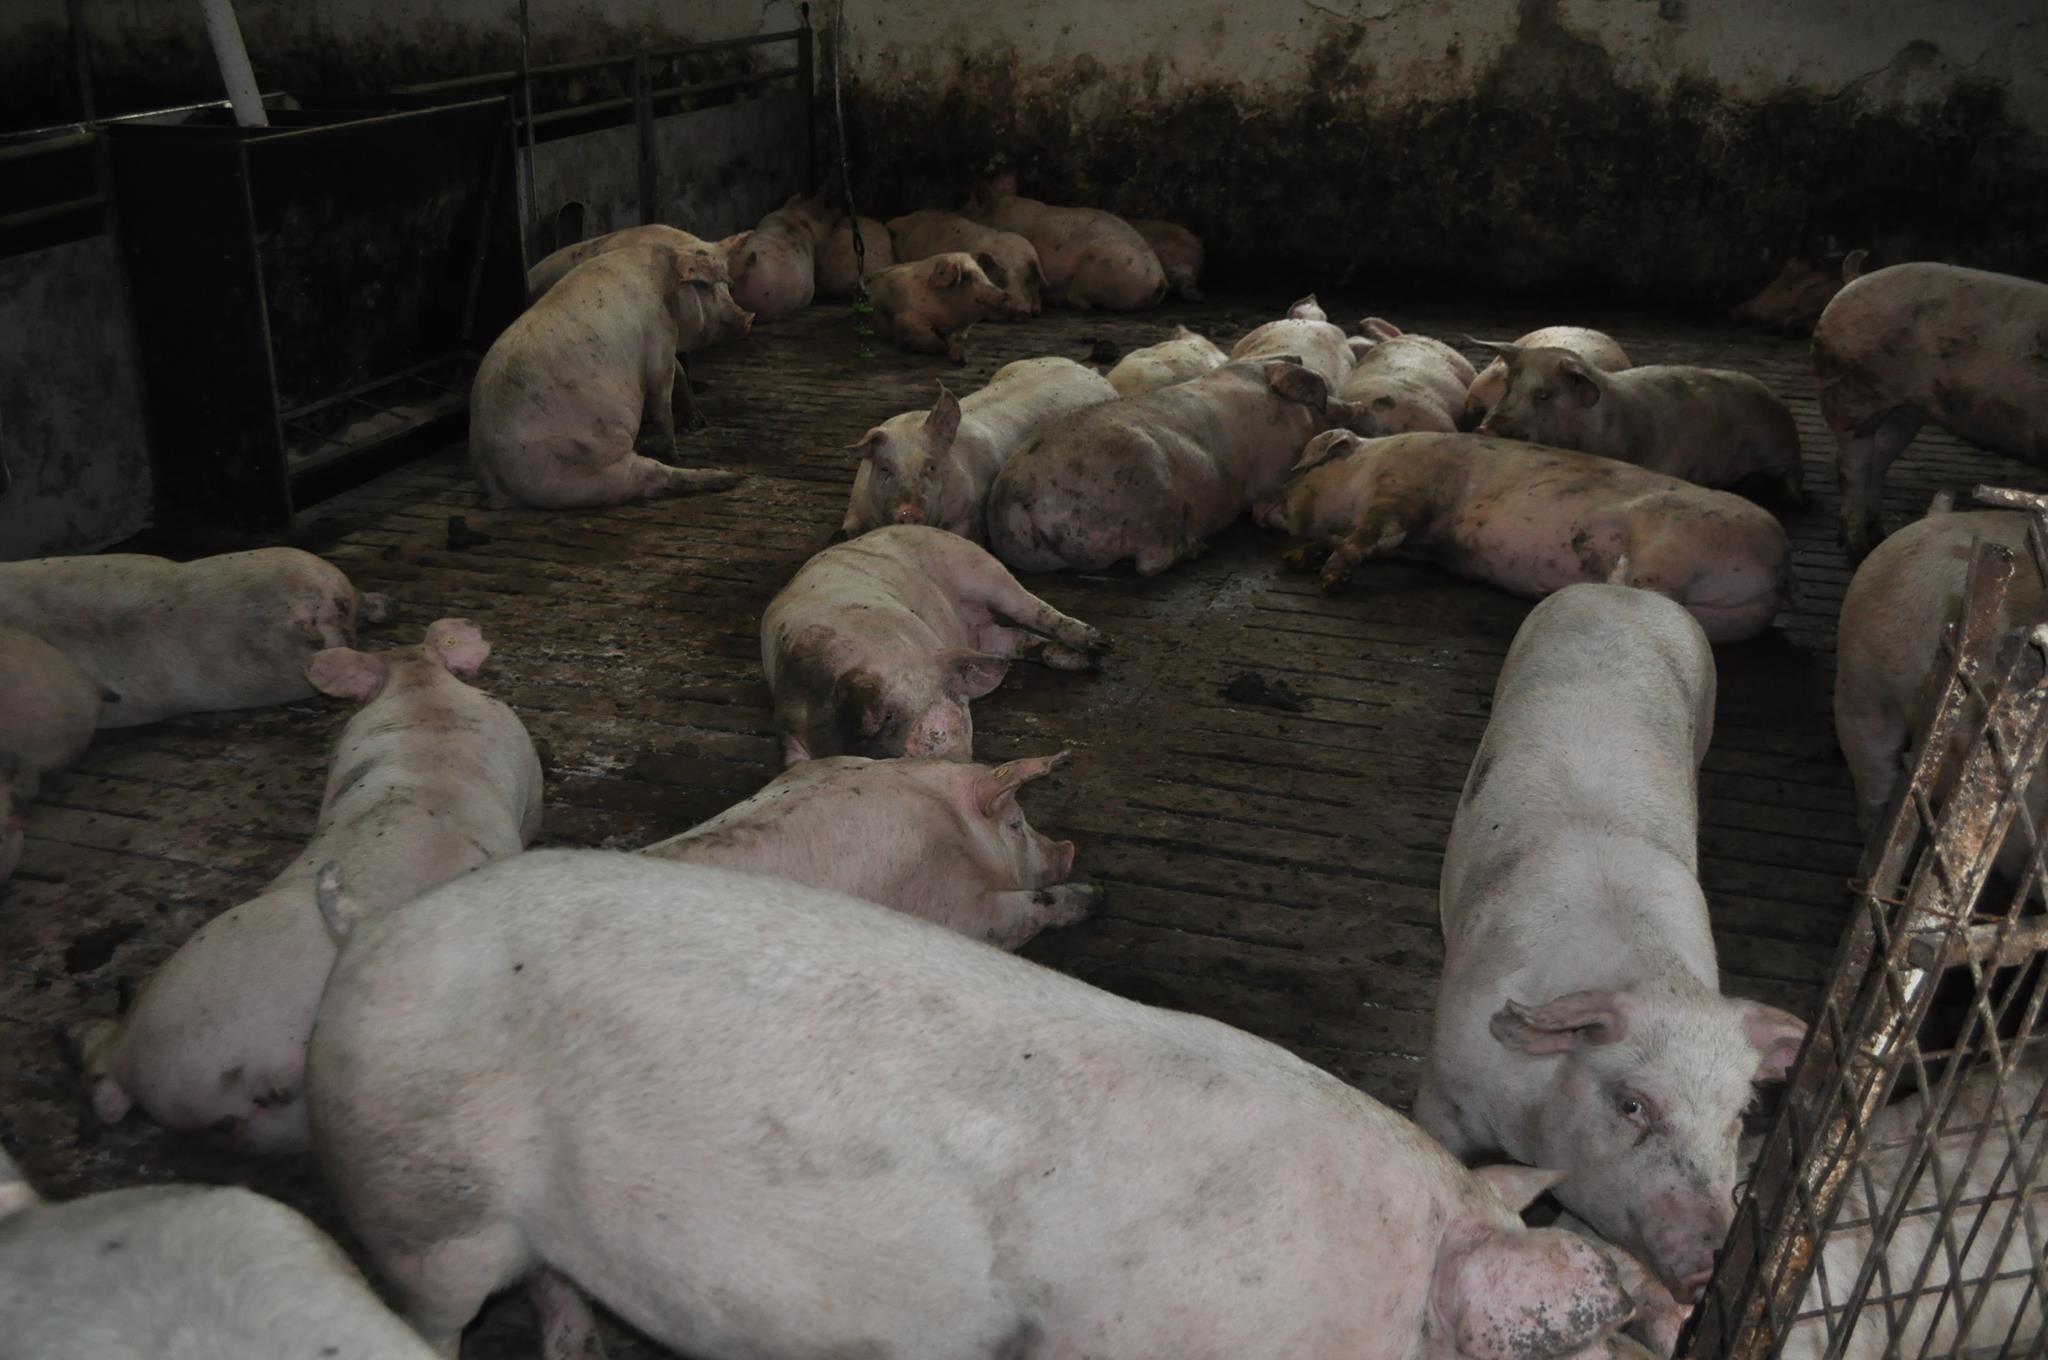 Peste 110.000 de porci sacrificati in Romania, din cauza pestei porcine africane